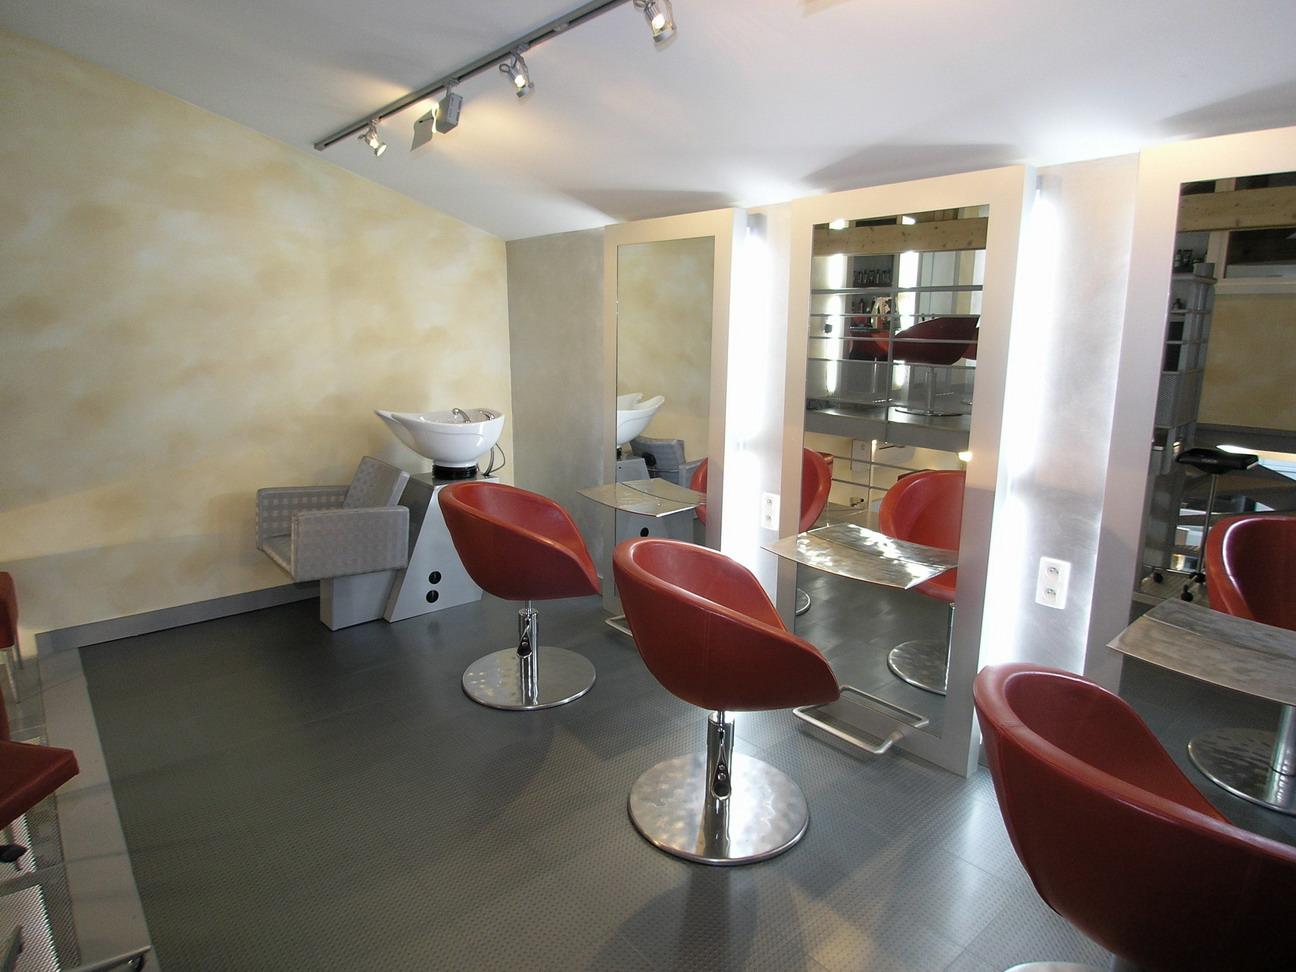 Le blog du salon de coiffure for Exemple de reglement interieur salon de coiffure